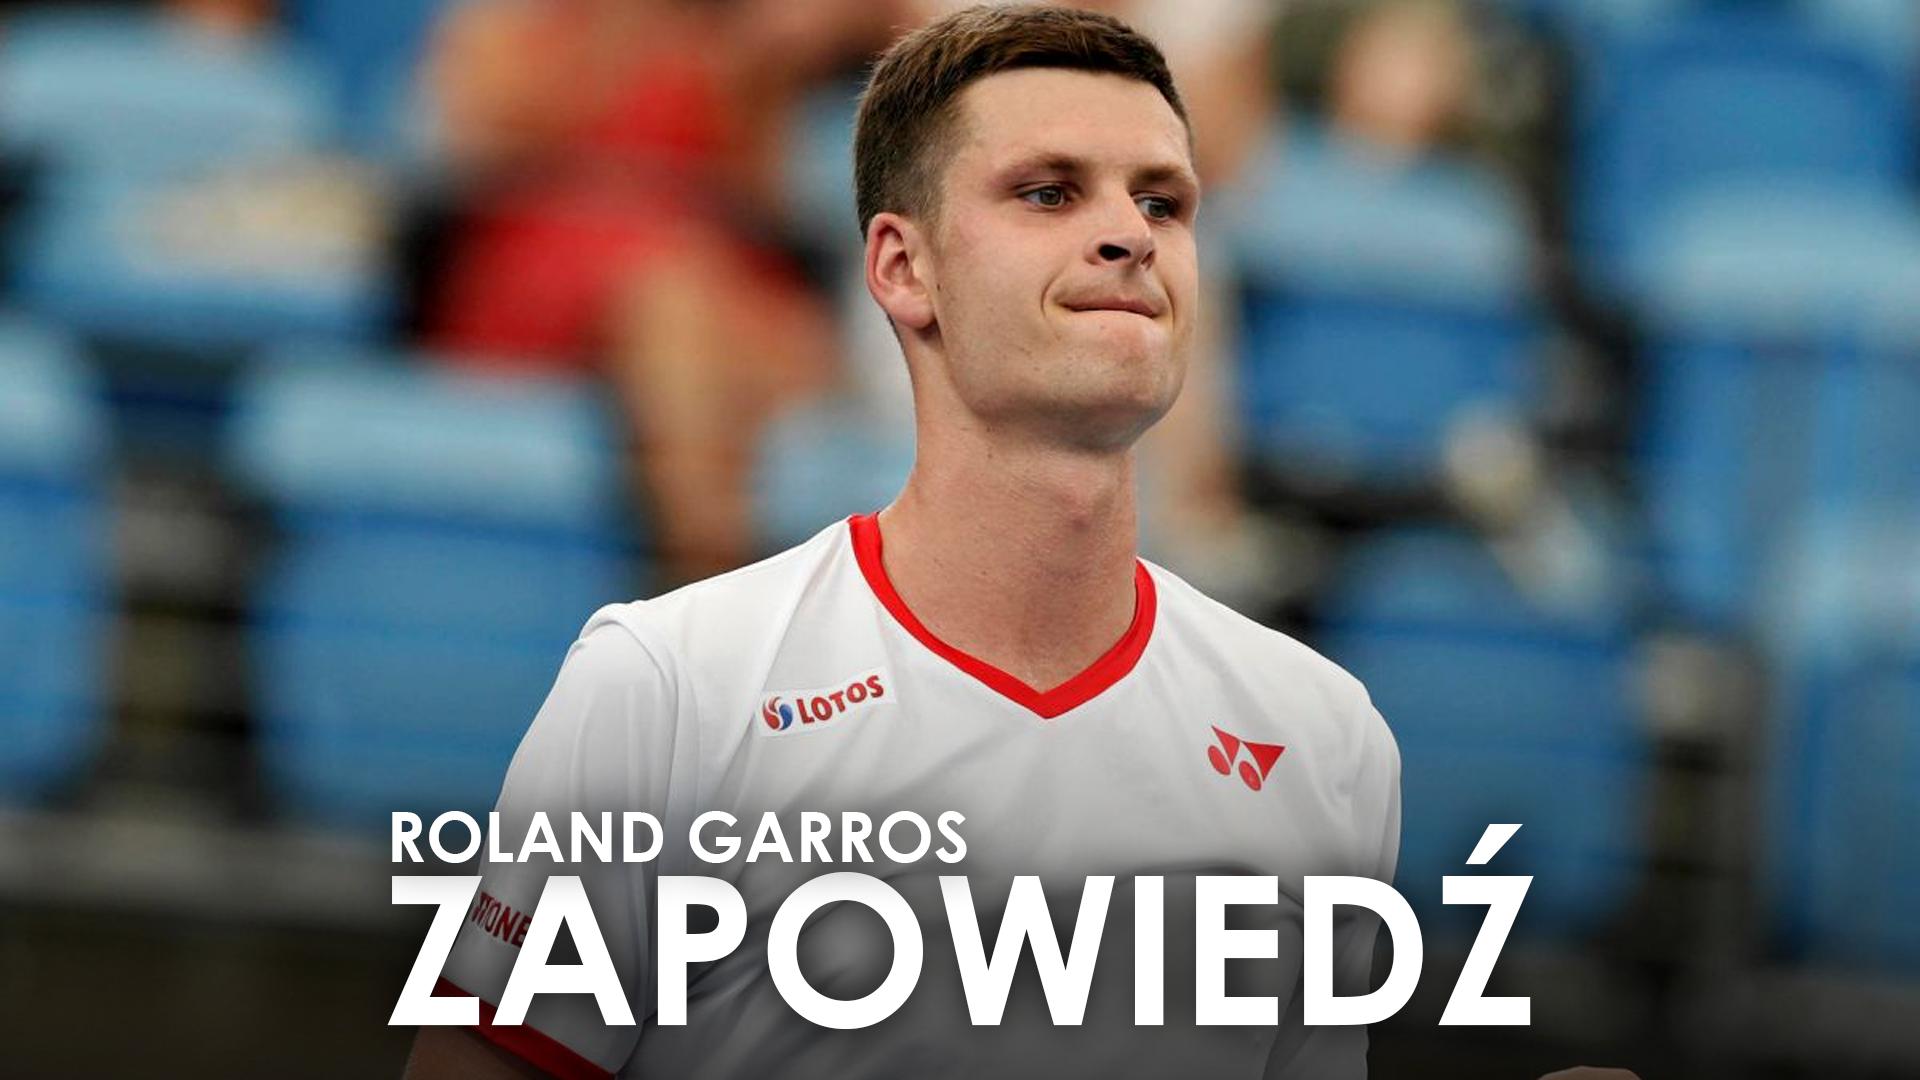 Ostatni Wielki Szlem w 2020 roku. Zapowiedź Roland Garros, w którym zagra czterech polskich singlistów.